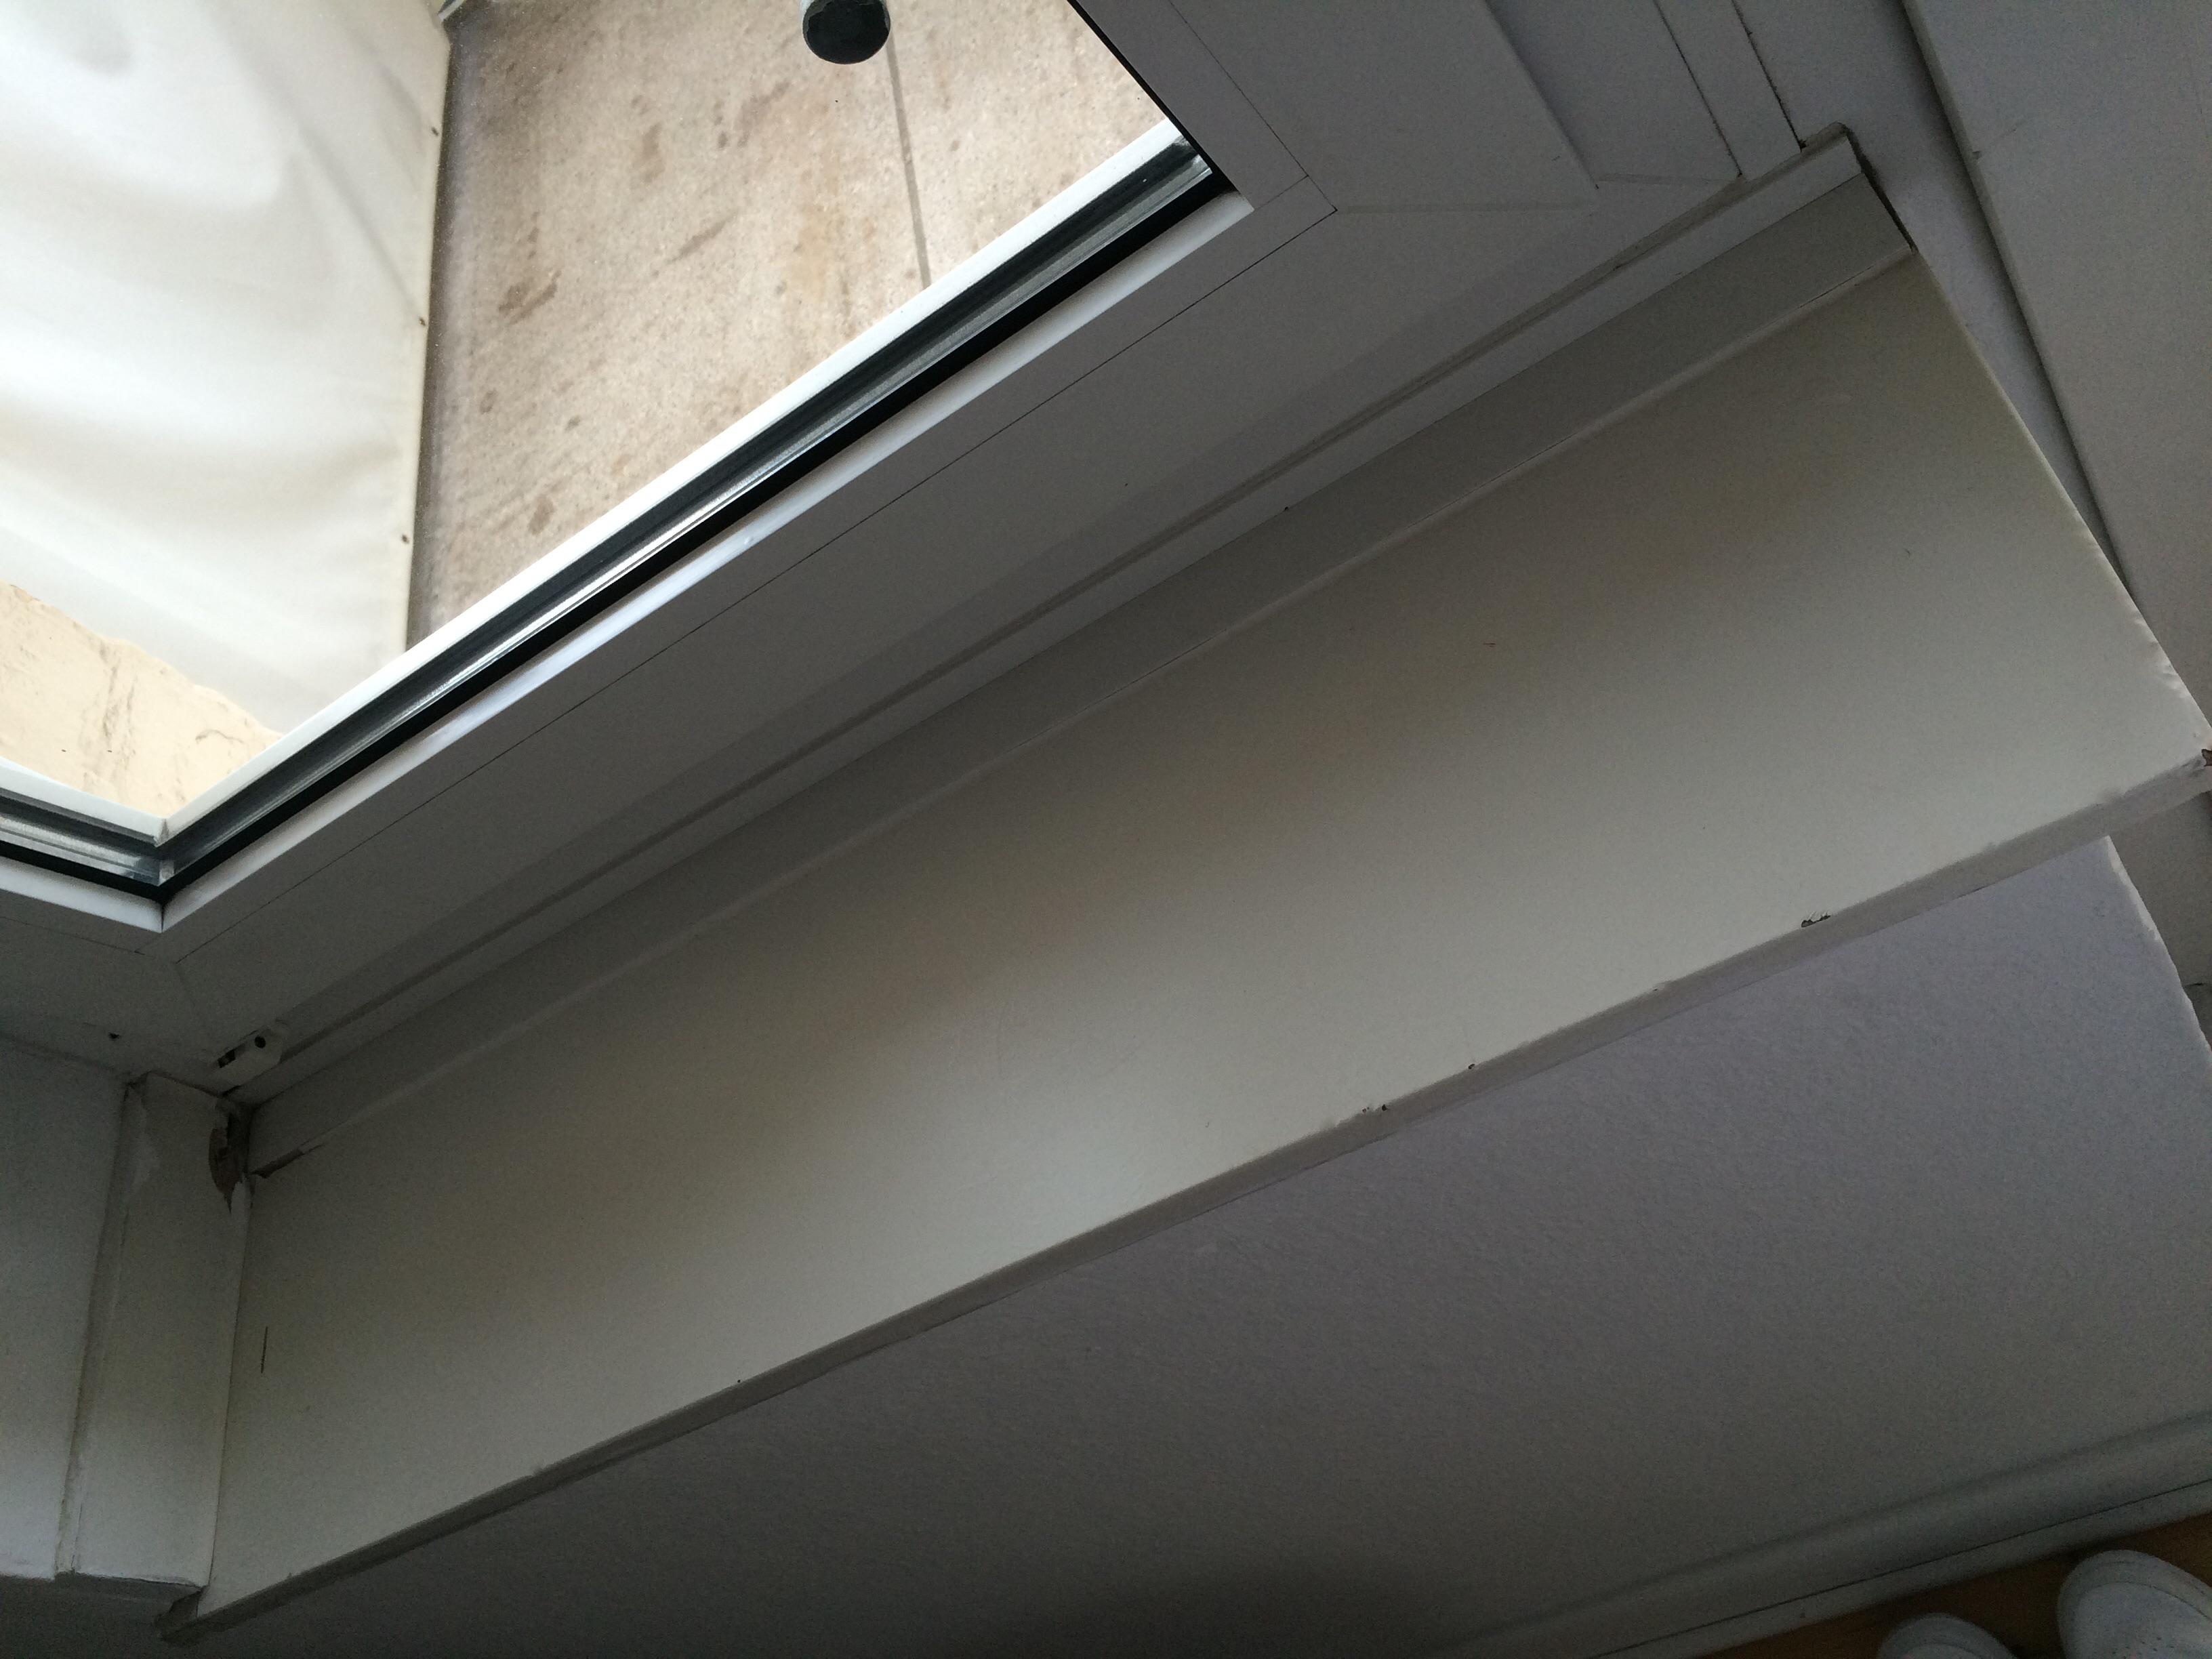 Wie tauscht man so eine Fensterbank aus? Geht das? (Fenster)